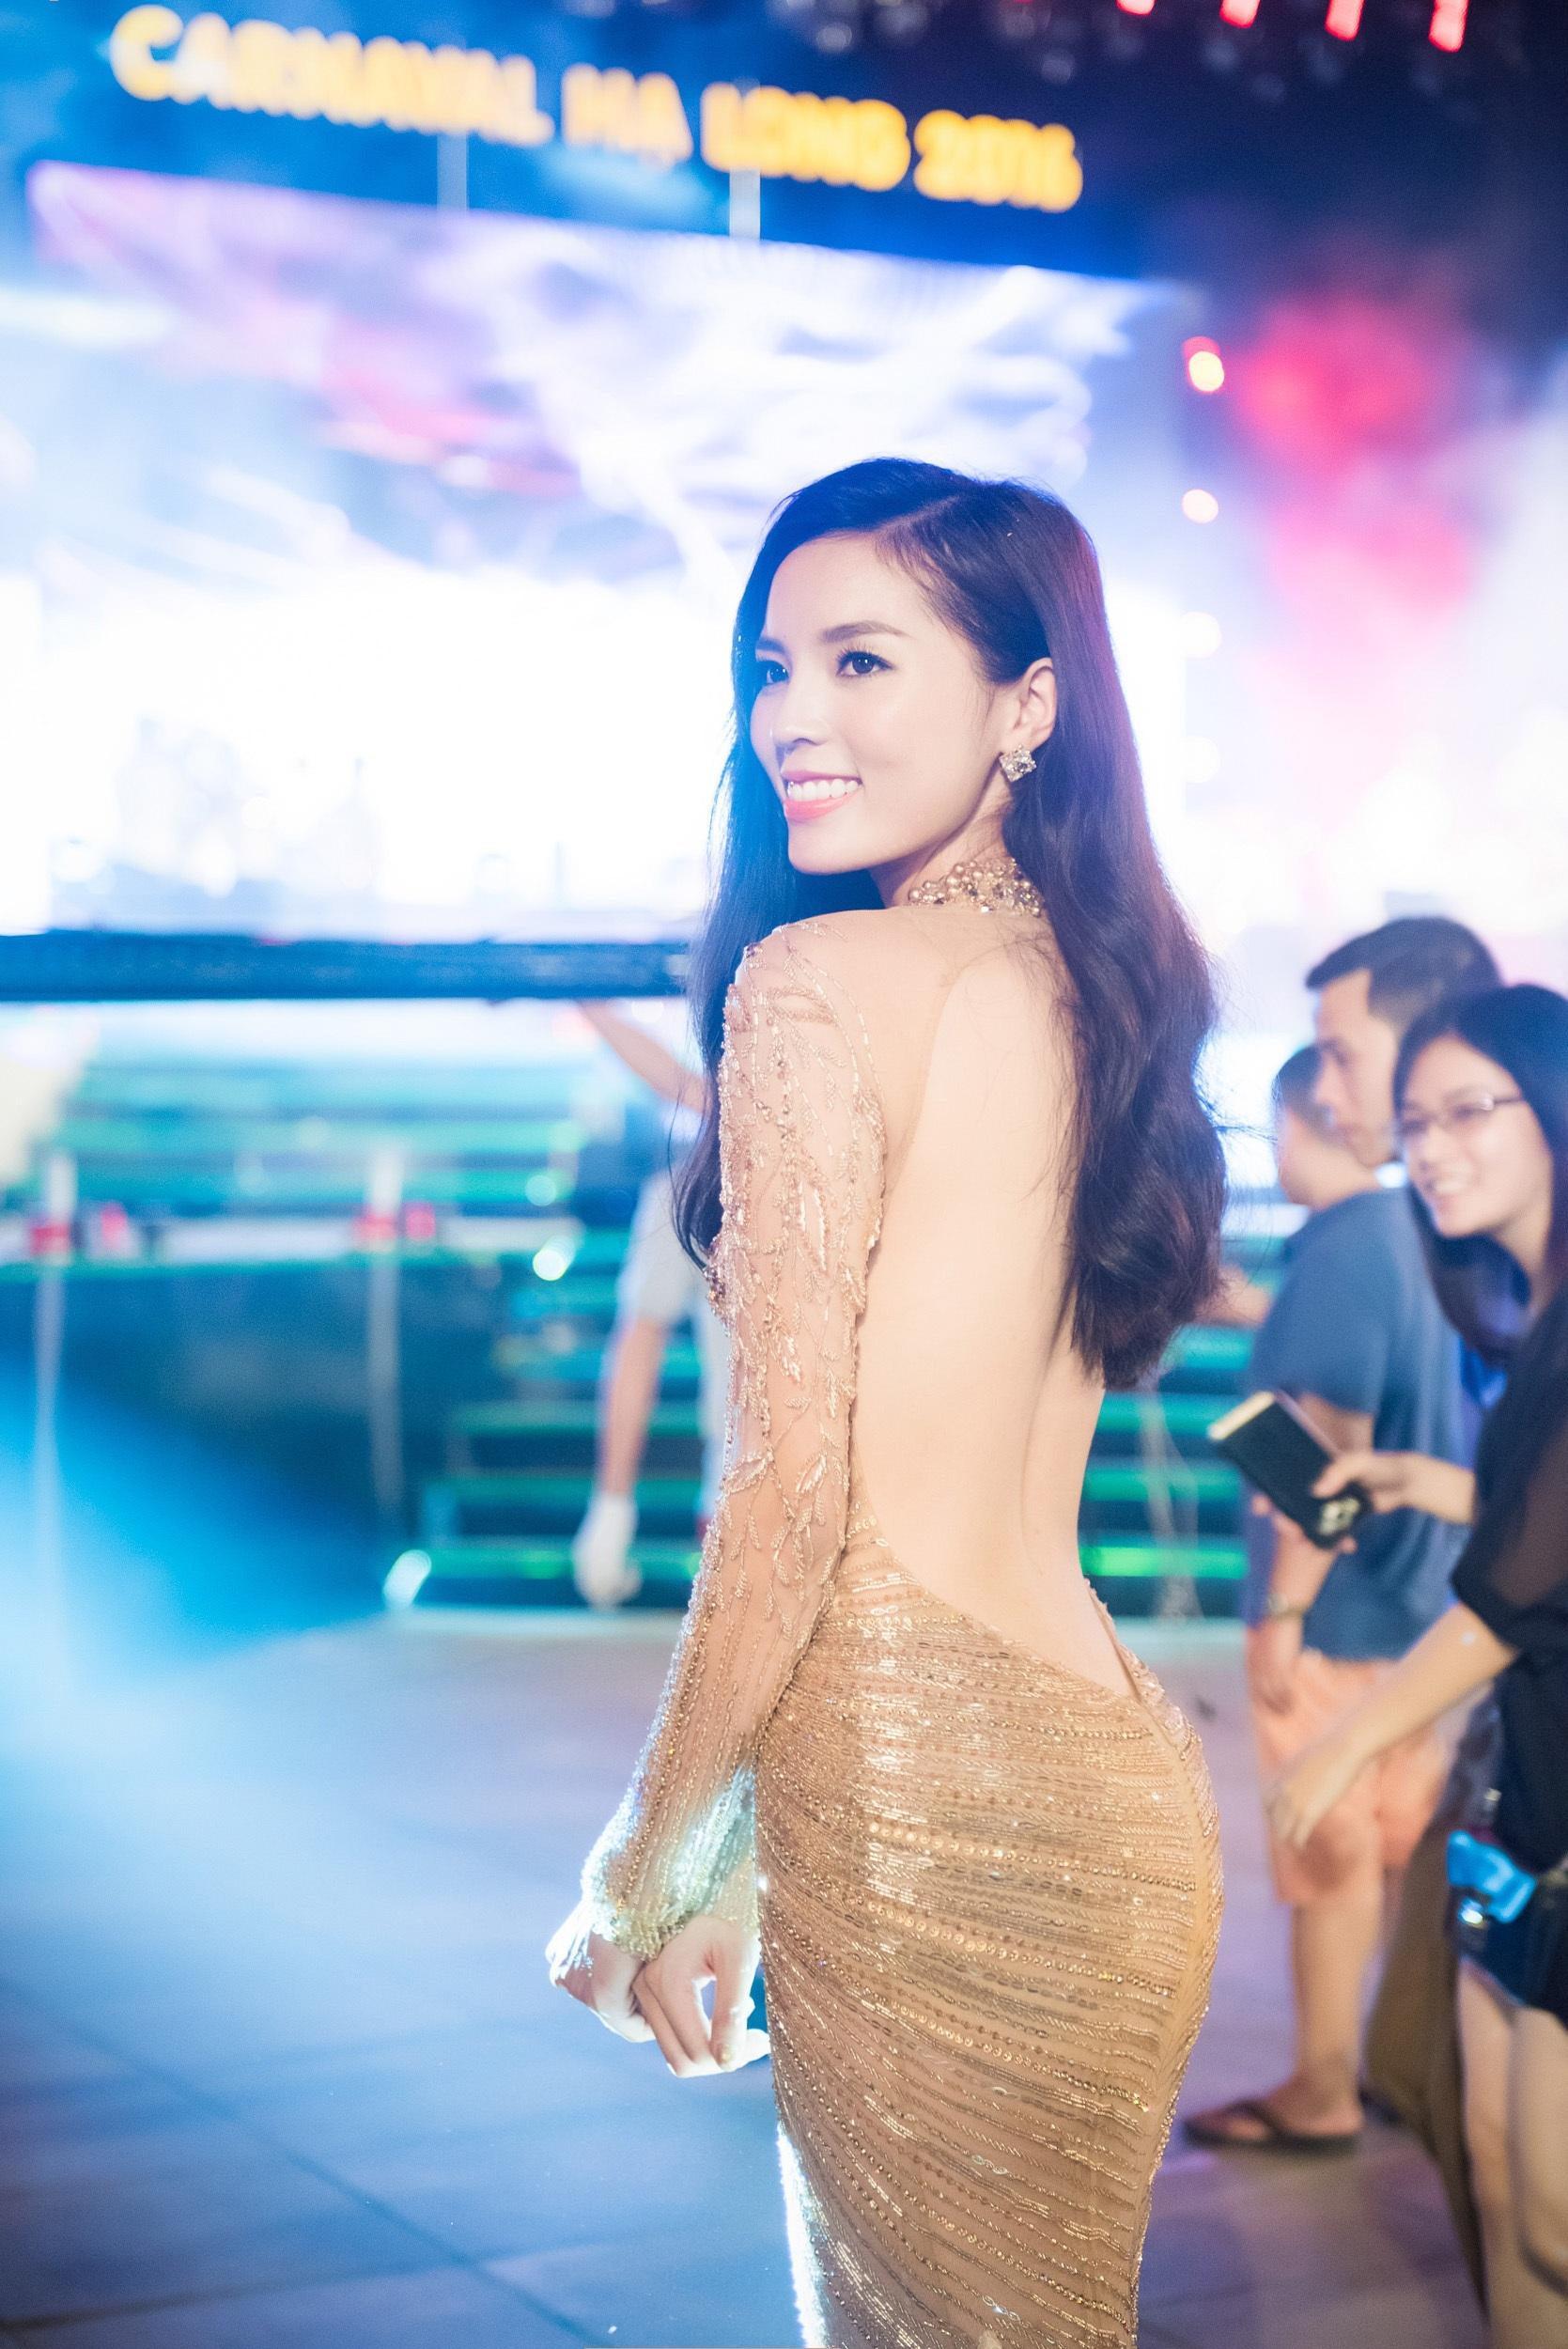 Không ai phủ nhận cô nàng gốc Nam Định ngày càng đẹp và xinh xắn hơn. Tuy nhiên, cô vẫn chưa thay đổi được cách tạo hình hơi cứng mỗi khi xuất hiện trước đám đông và ống kính.